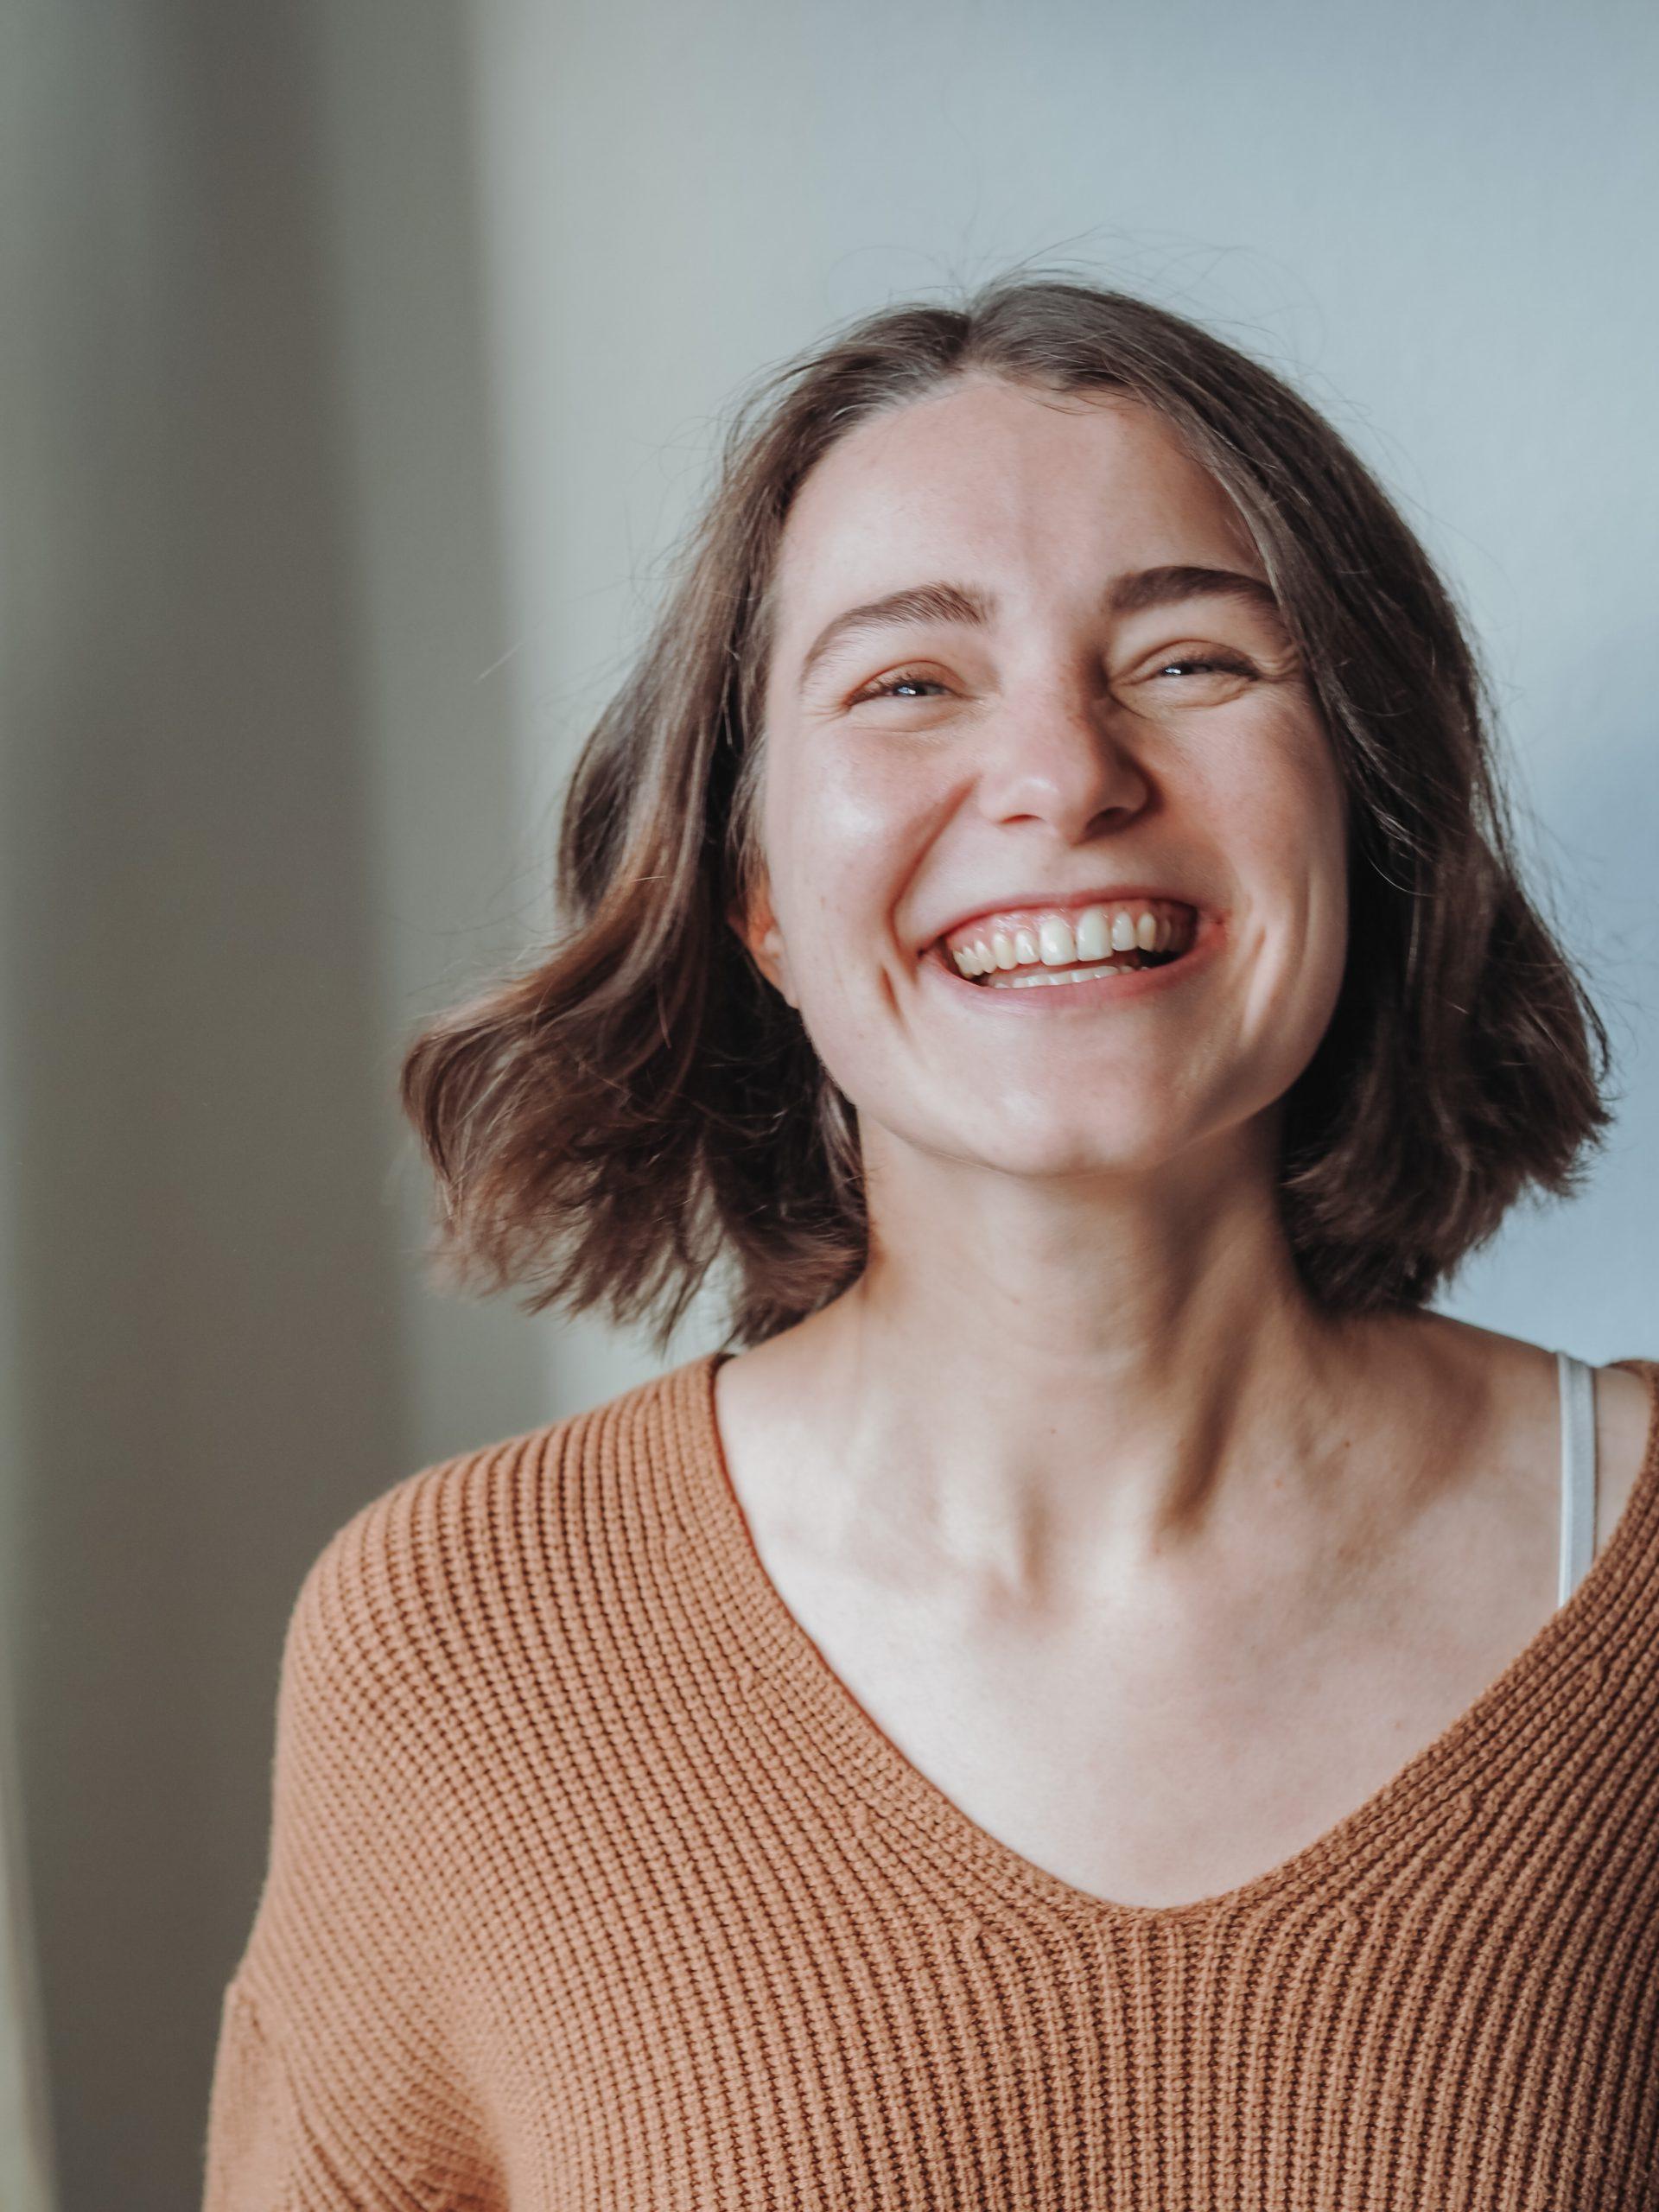 Ein Portrait von Mareike, auf dem sie lacht